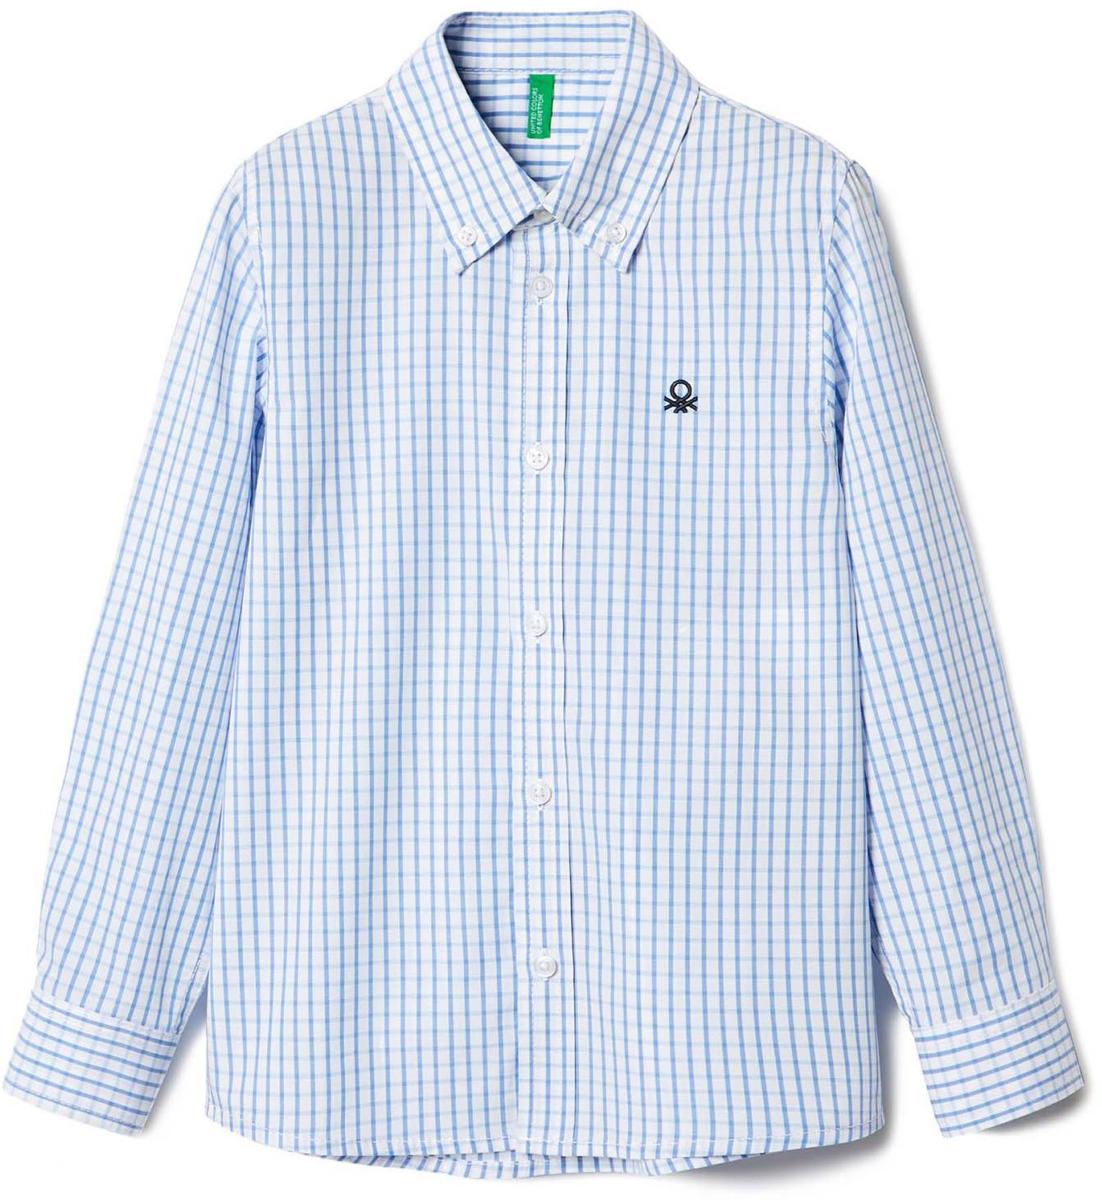 Рубашка для мальчиков United Colors of Benetton, цвет: белый. 5DU65Q200_902. Размер 1505DU65Q200_902